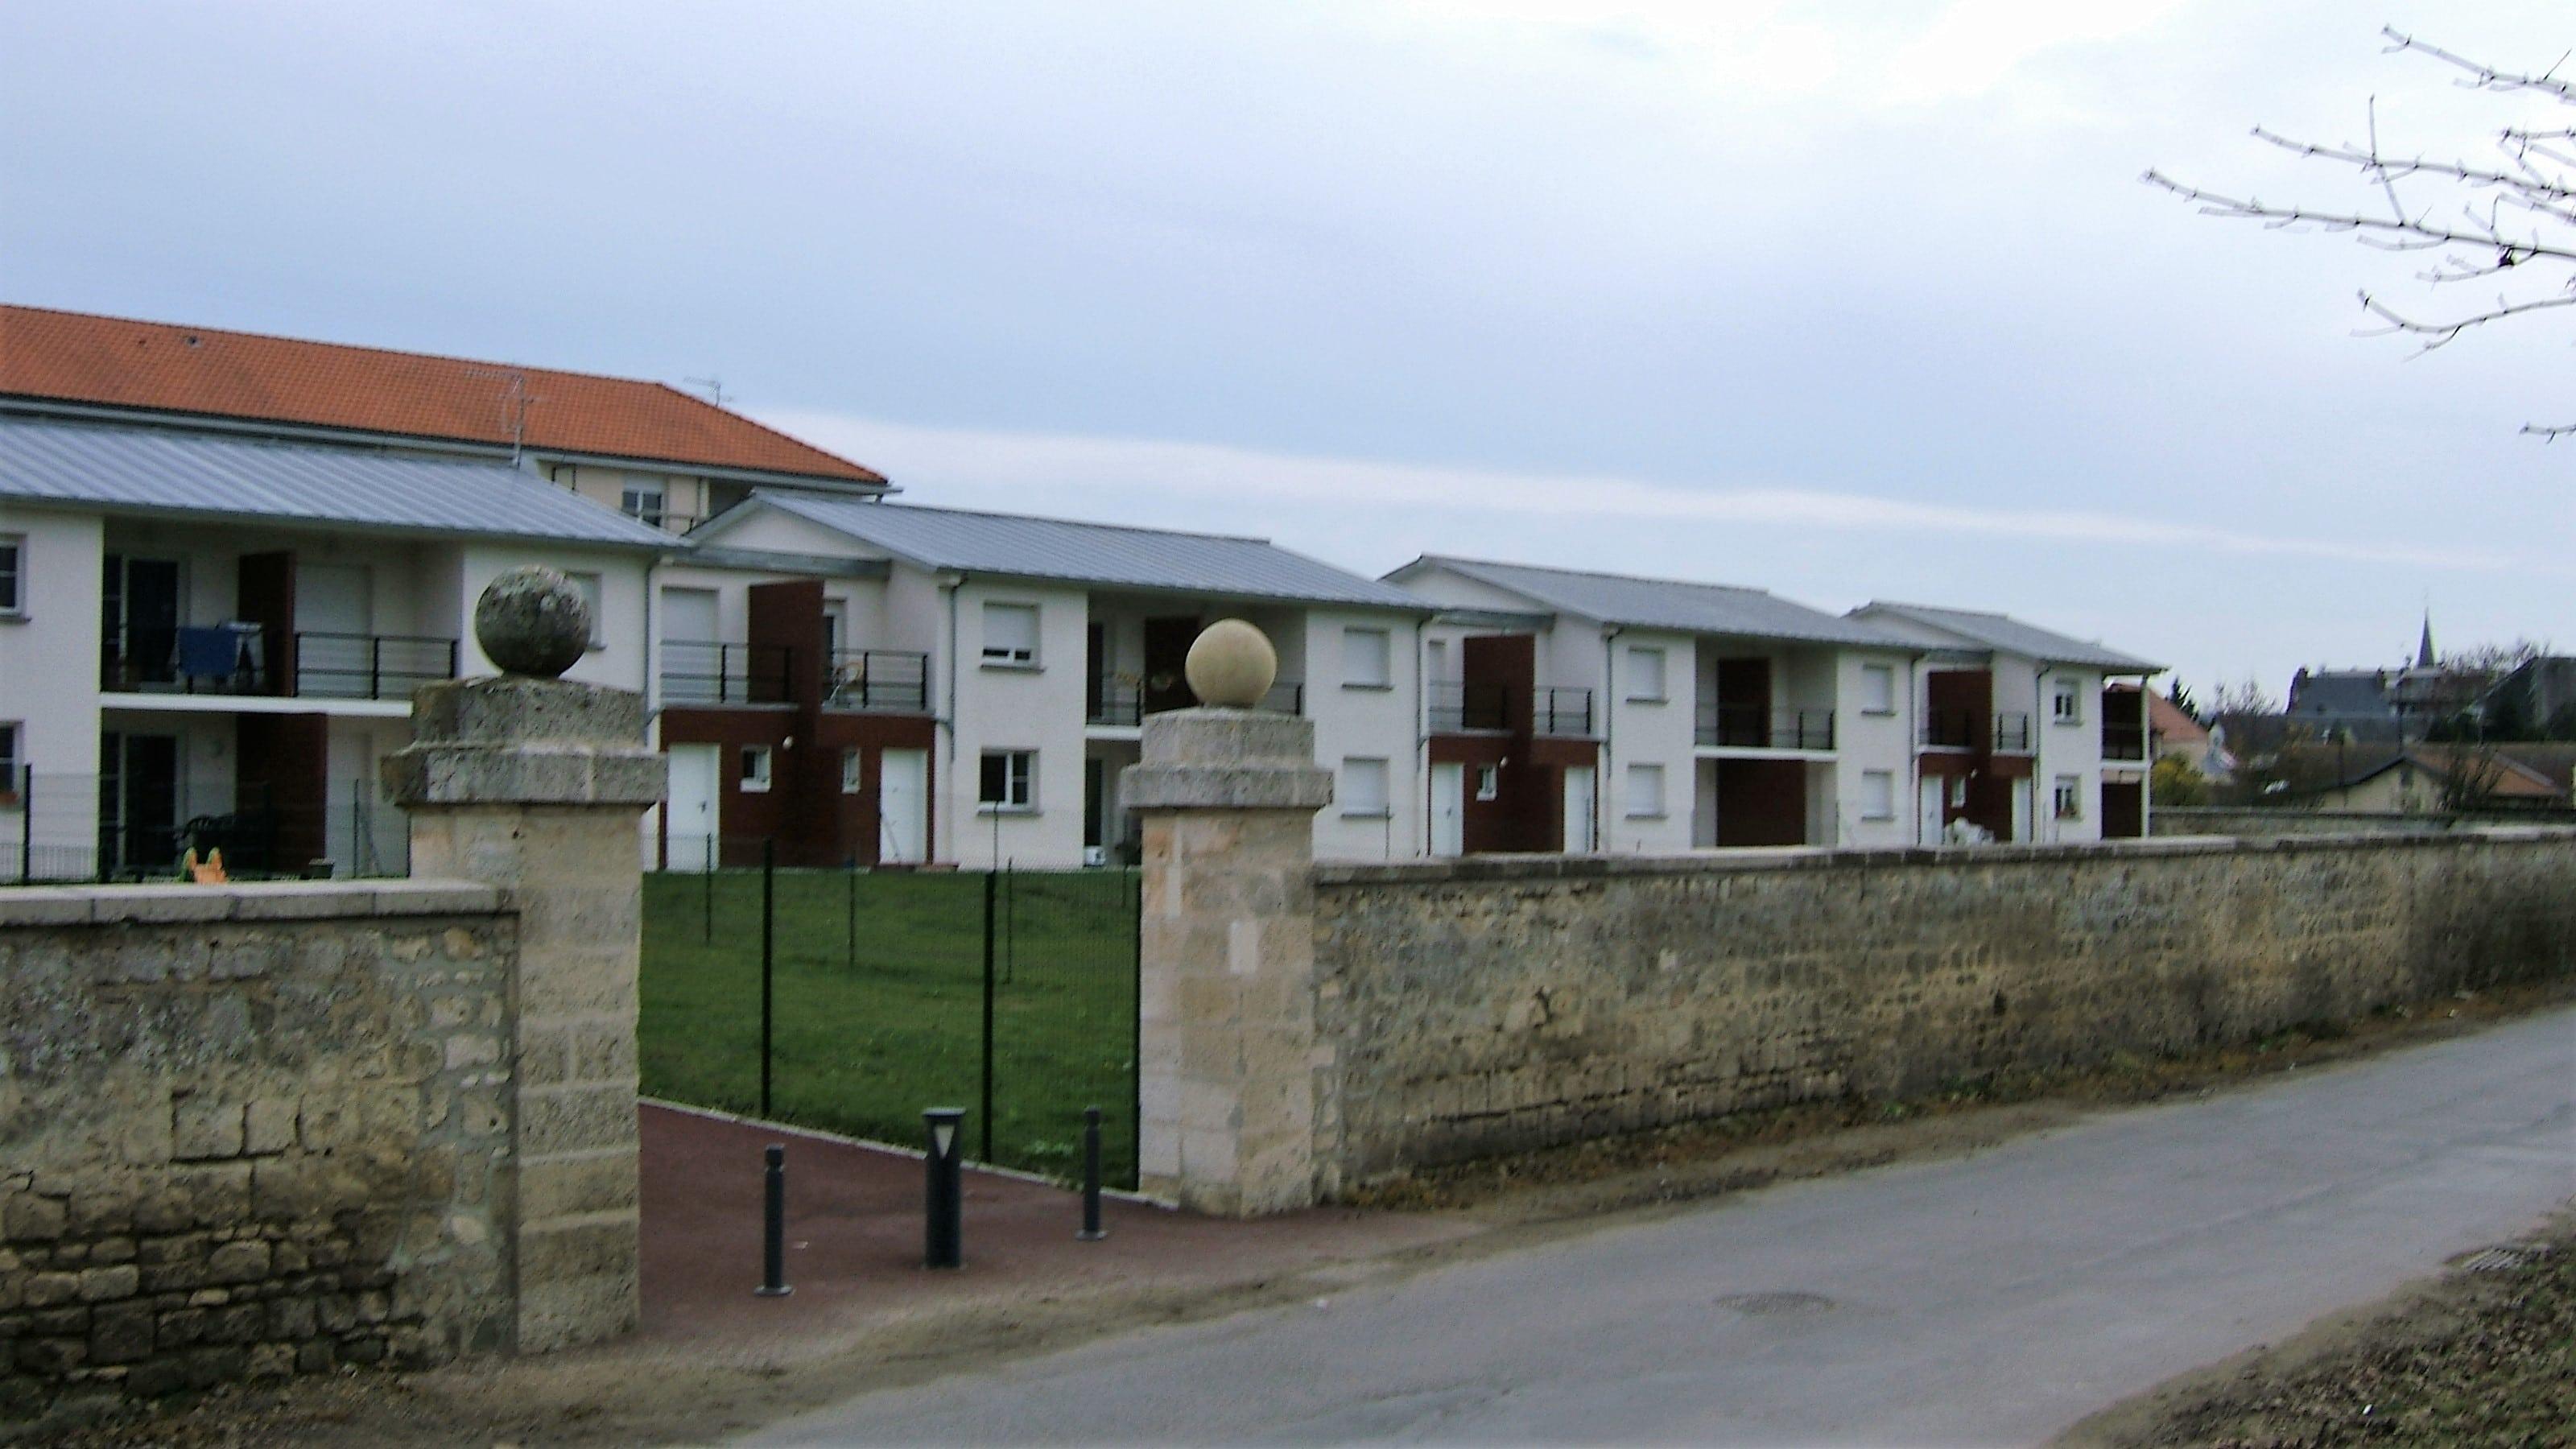 Maison 4 rue Ile à la Meule